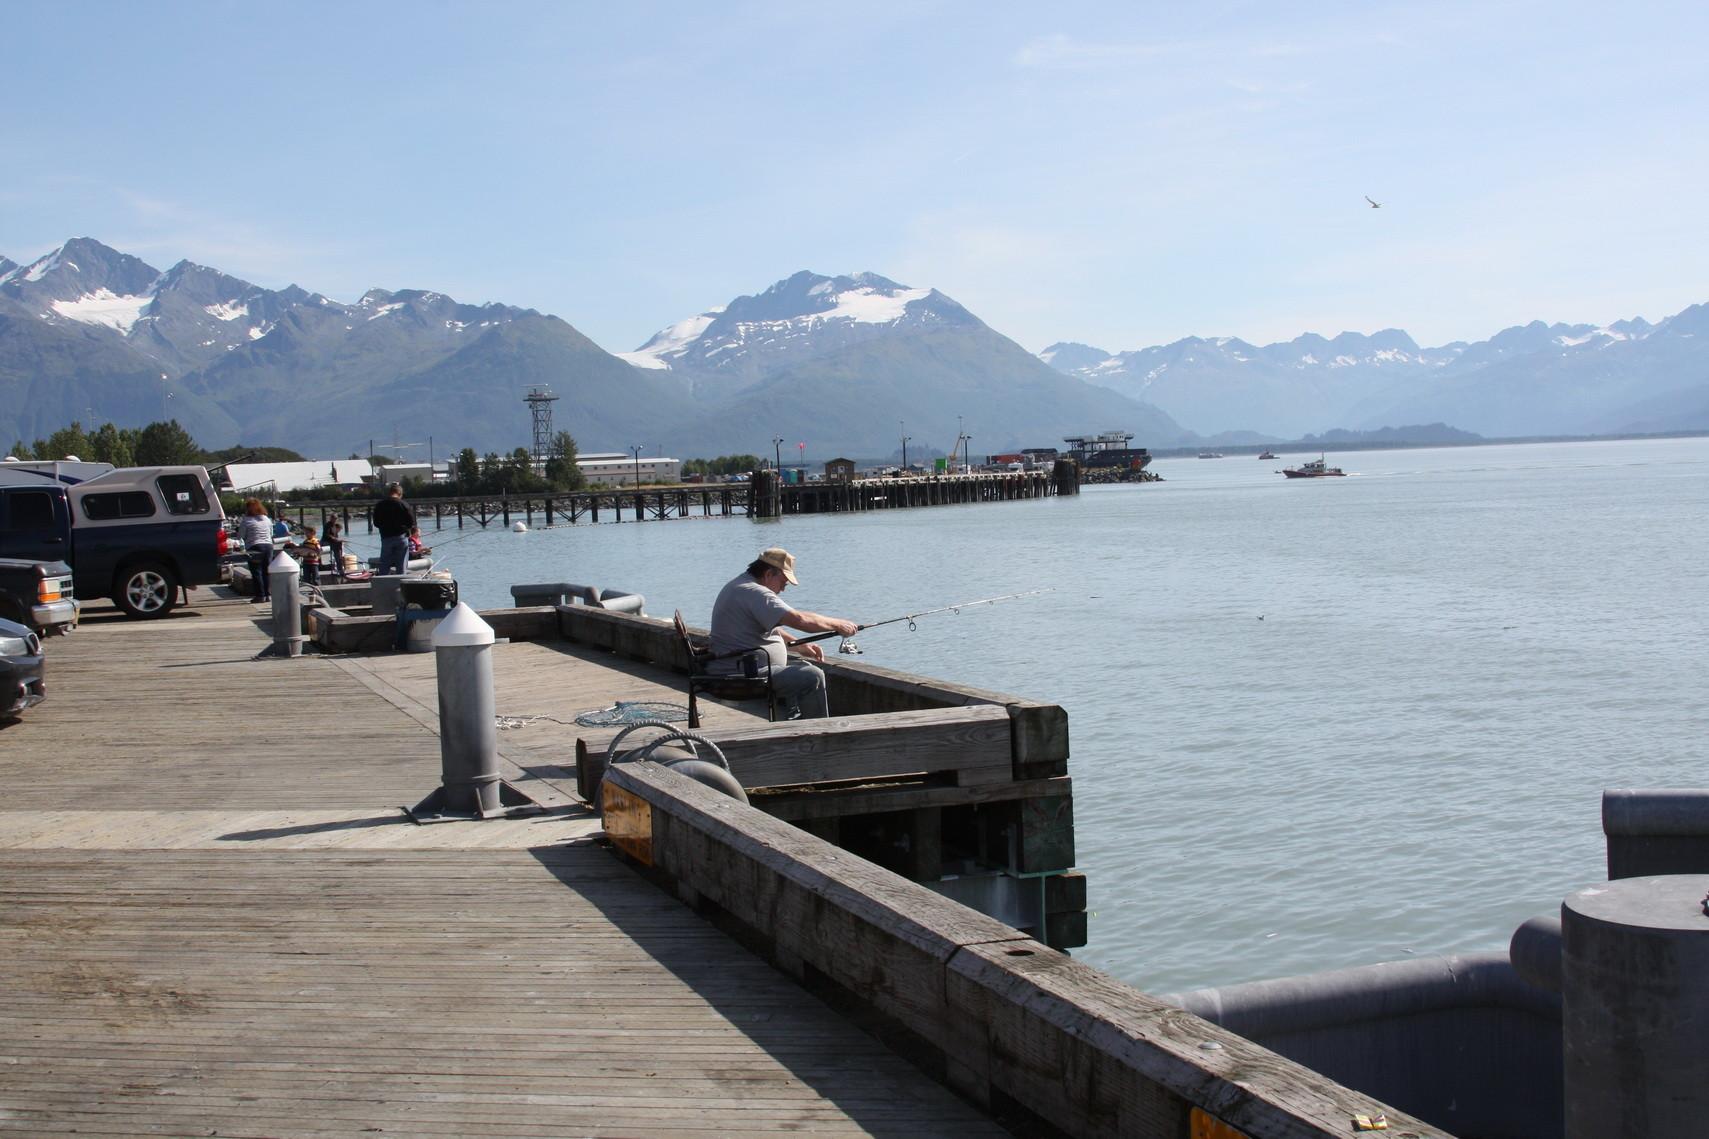 Valdez liegt sehr idyllisch, von hohen Bergen eingebettet.